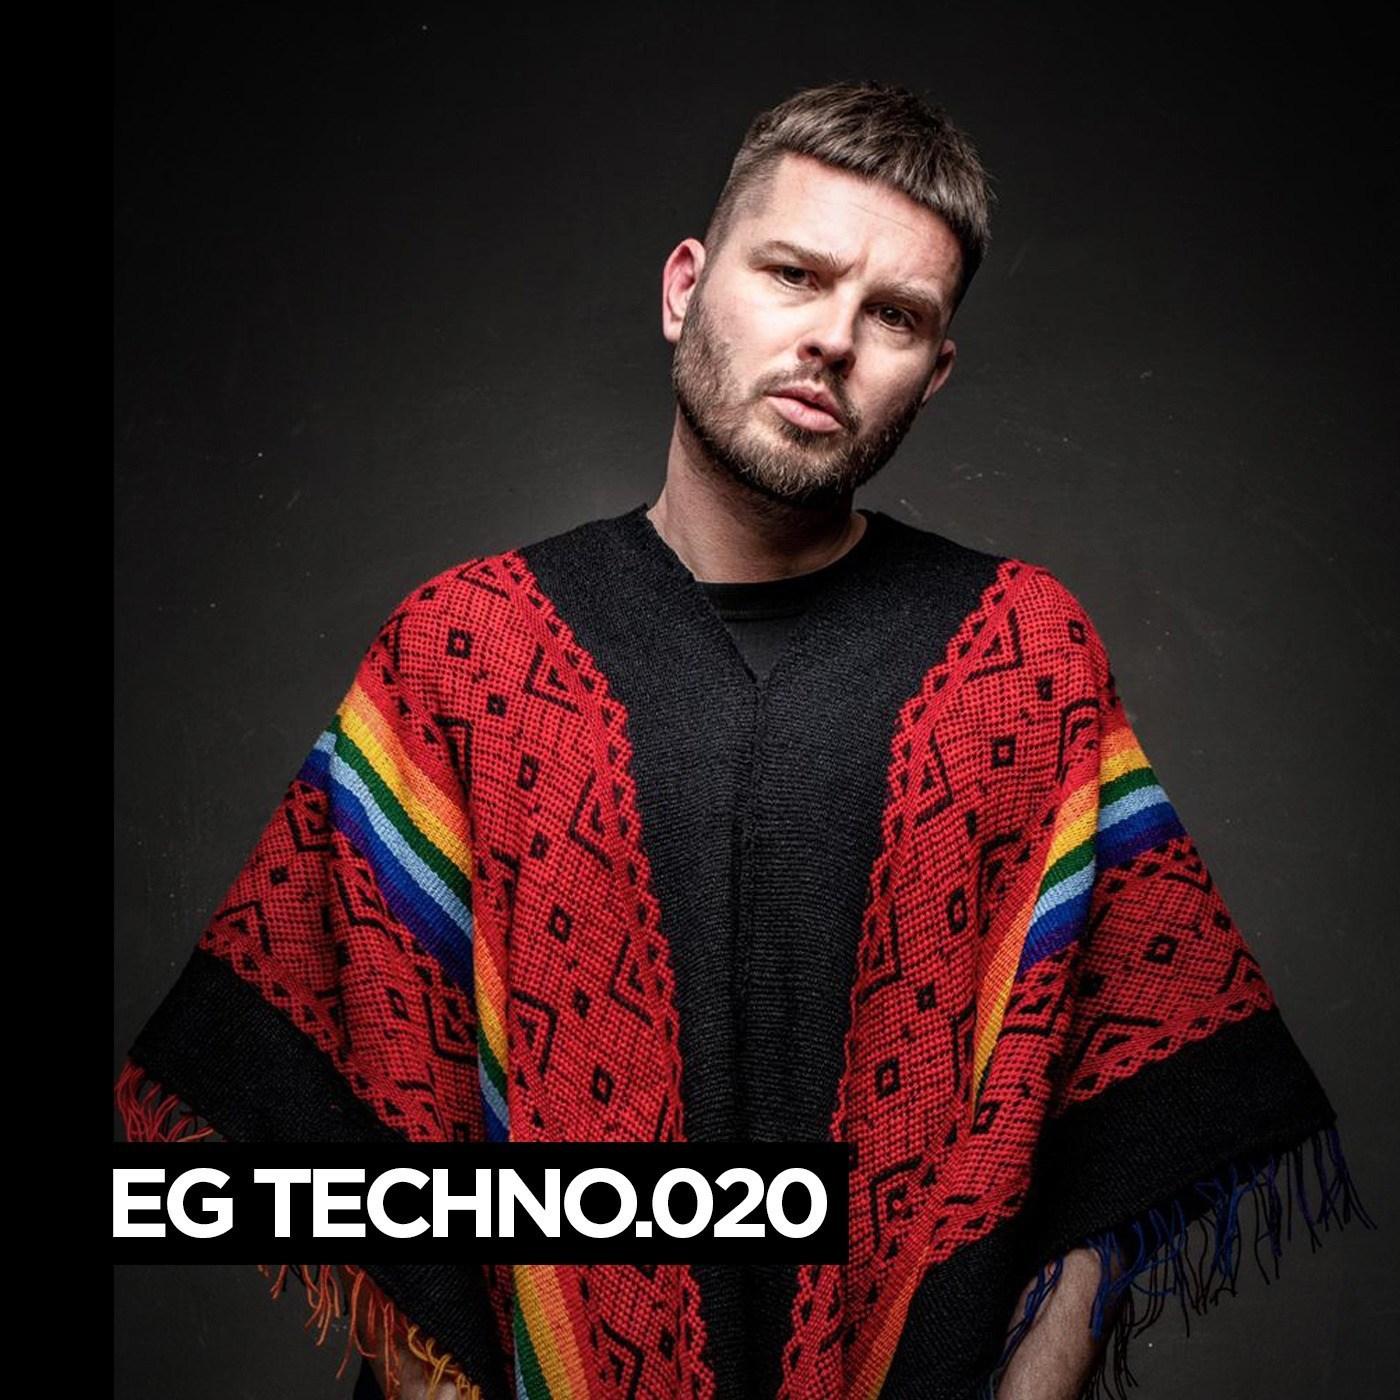 EG-Techno.020-Luca-Agnelli